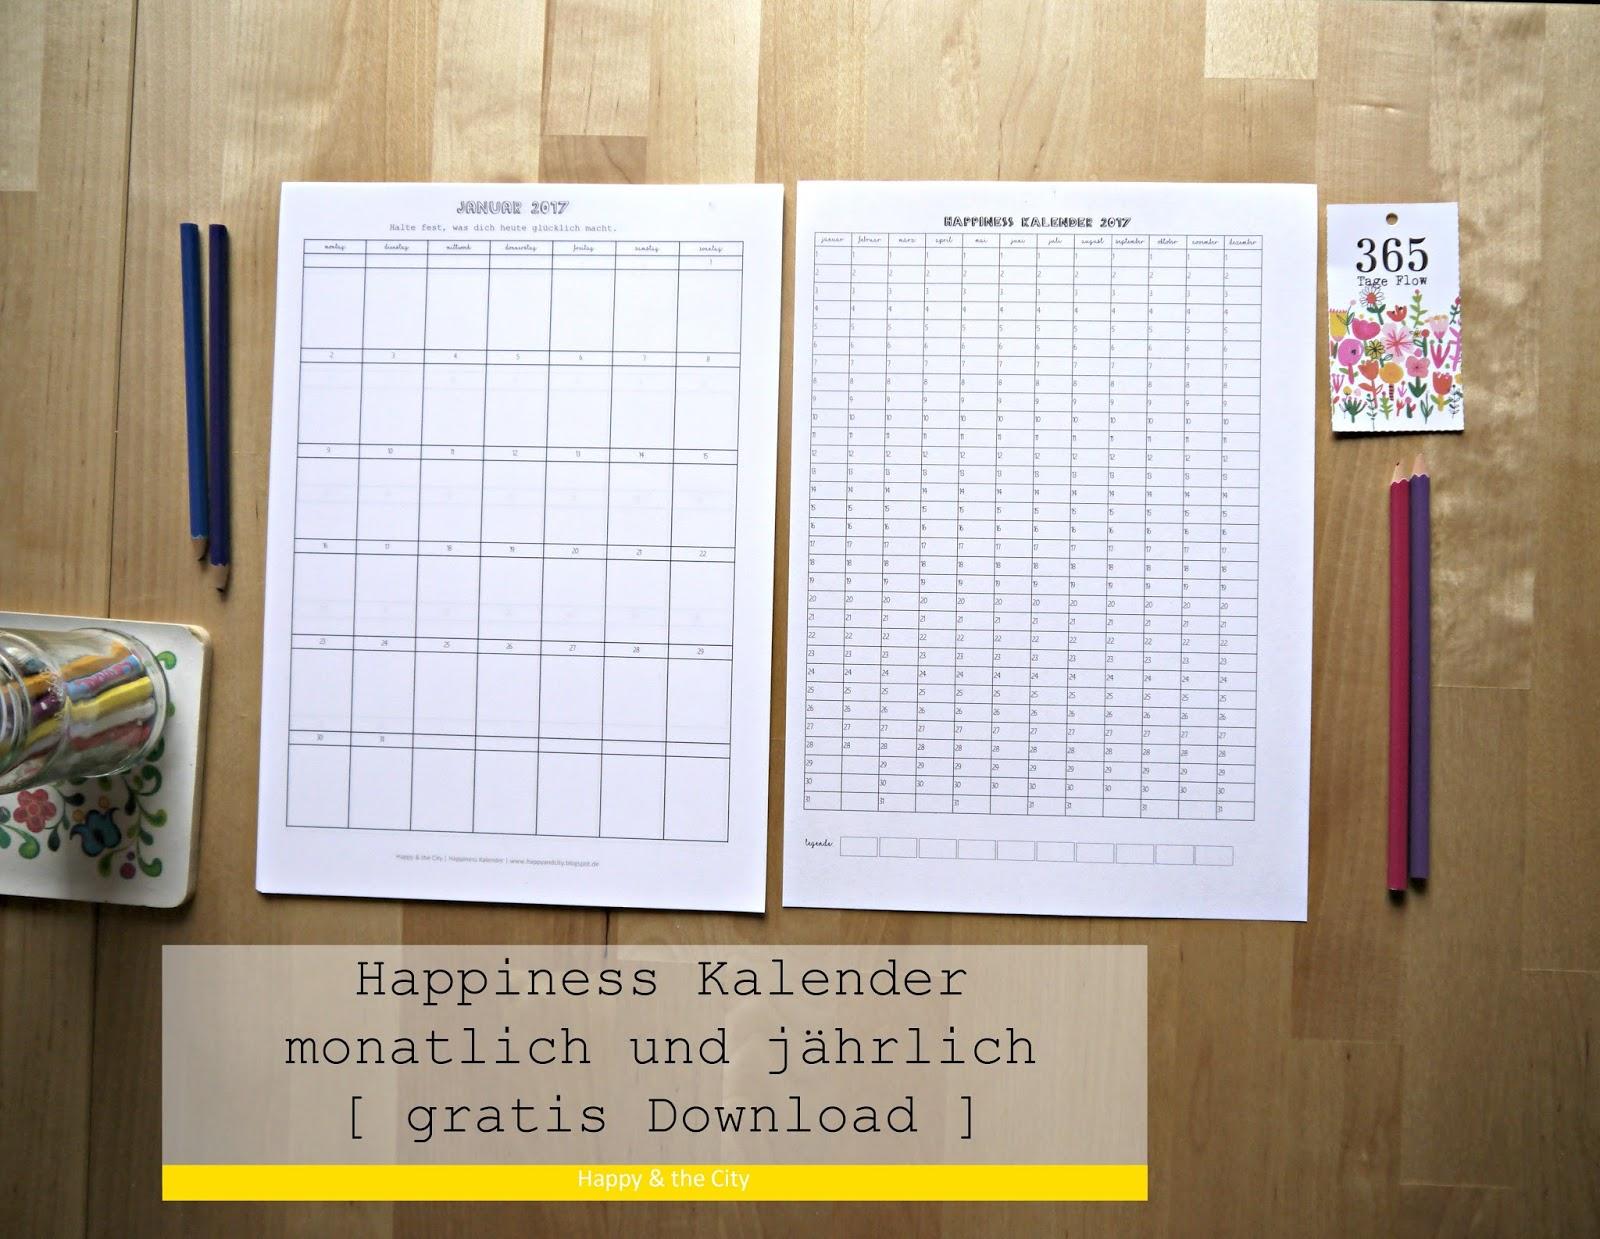 happiness kalender 2017 monat und jahr zum selbst ausf llen gratis download happy the city. Black Bedroom Furniture Sets. Home Design Ideas